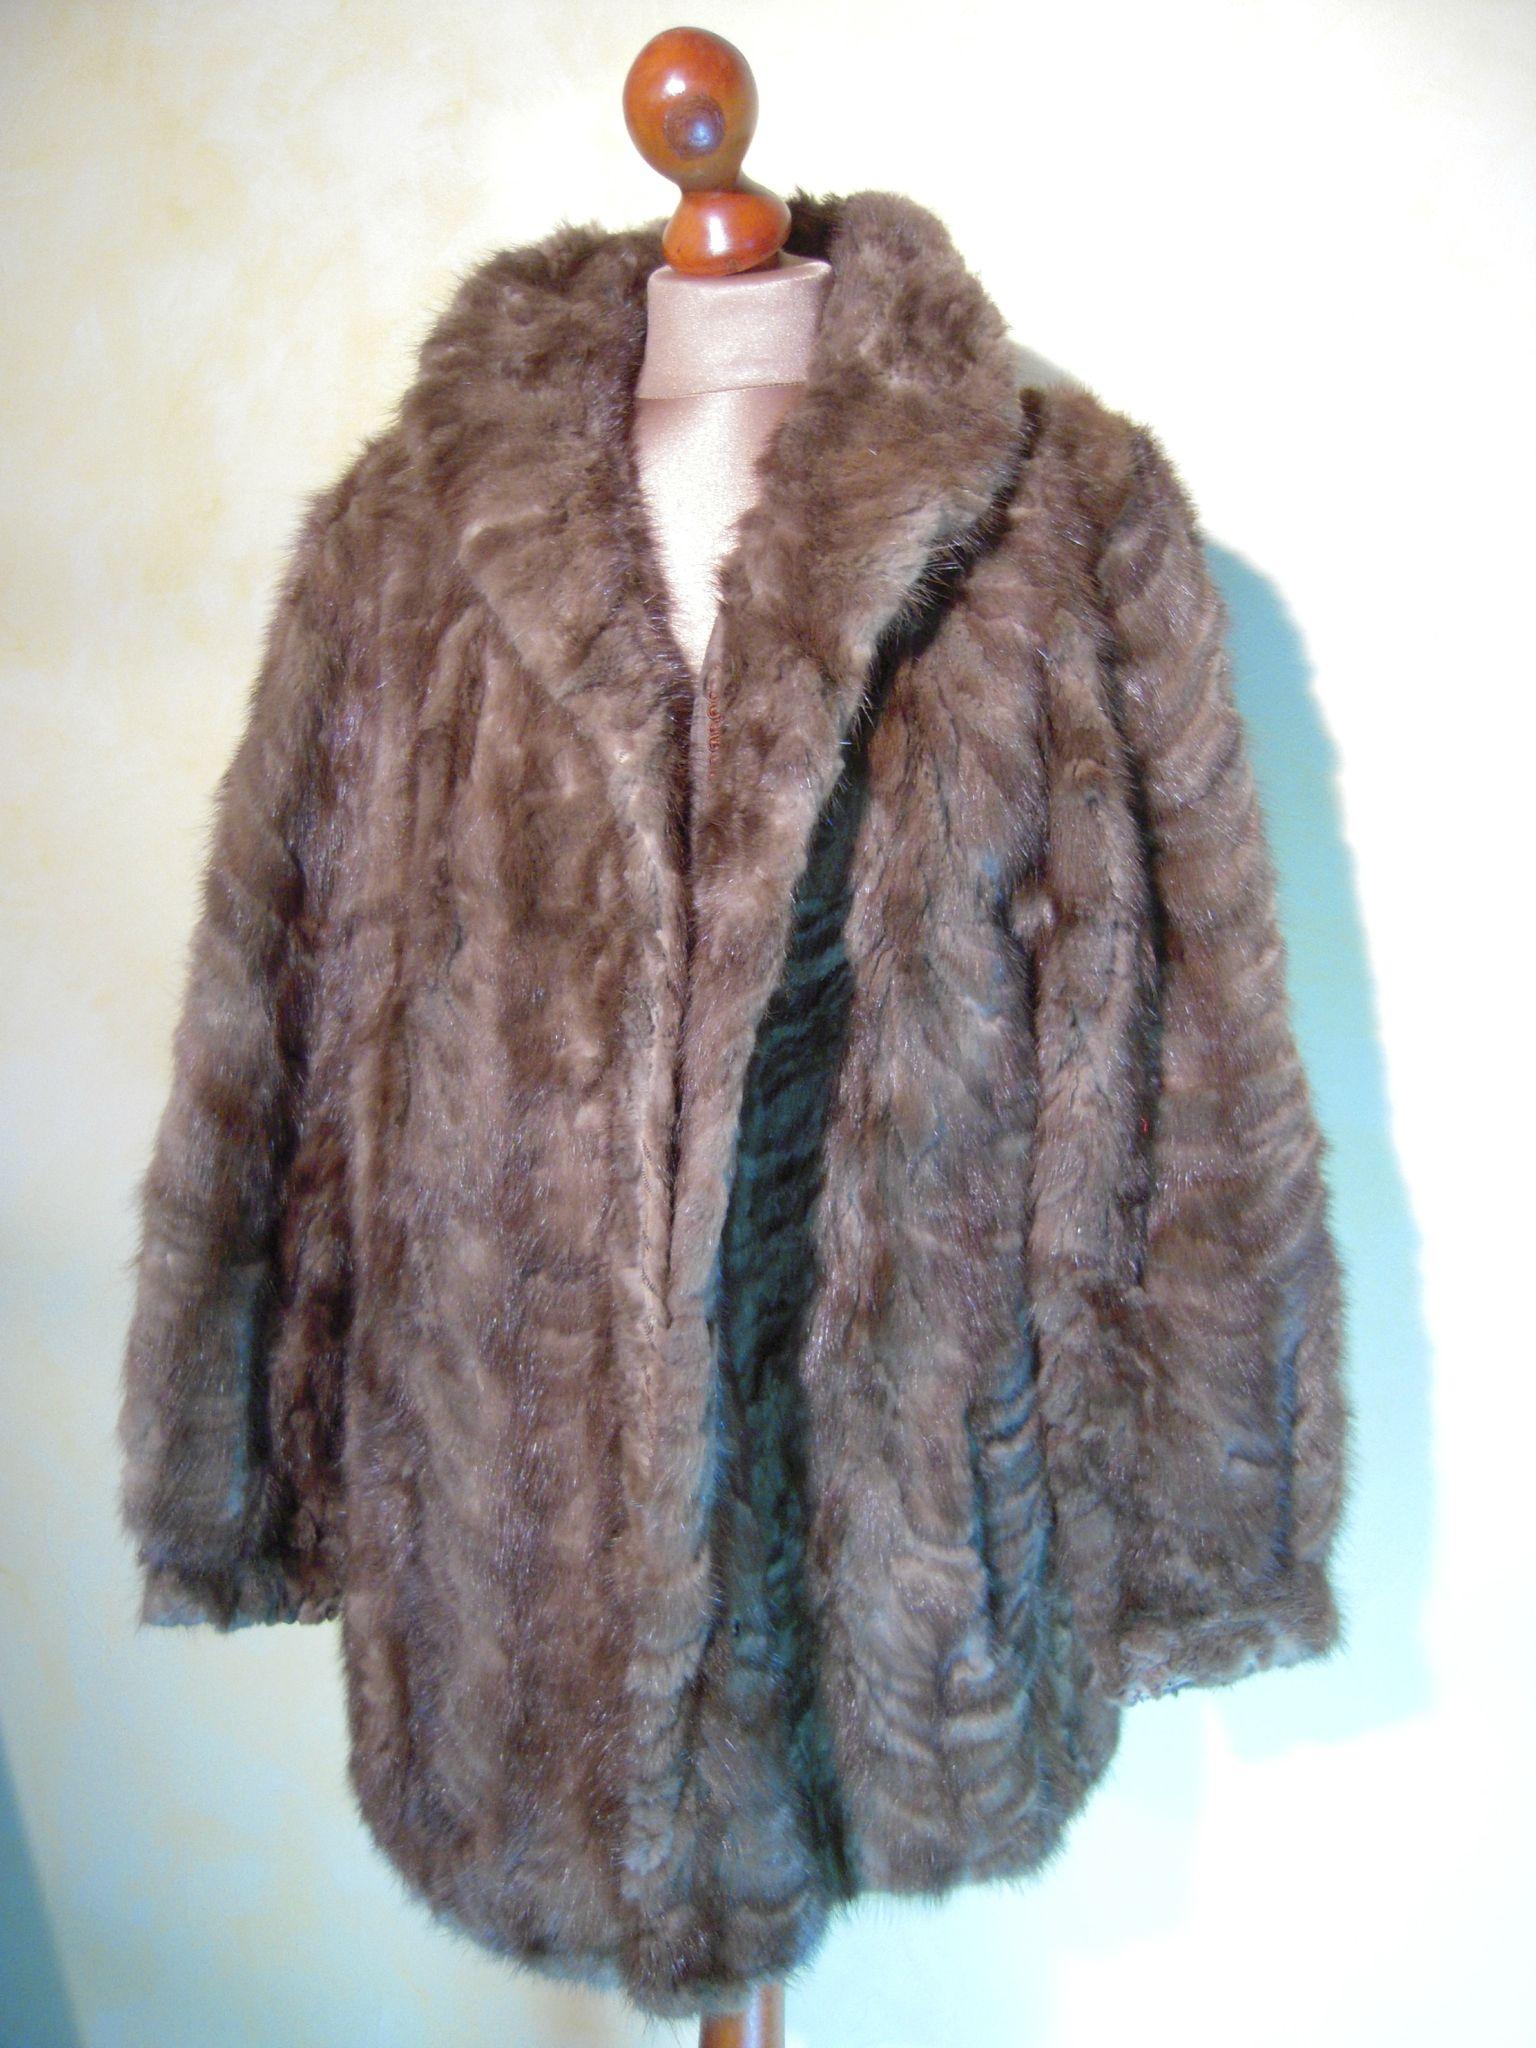 comment choisir modélisation durable trouver le prix le plus bas M057 : Manteau vison T.40 - les fripes de loulie sont chics